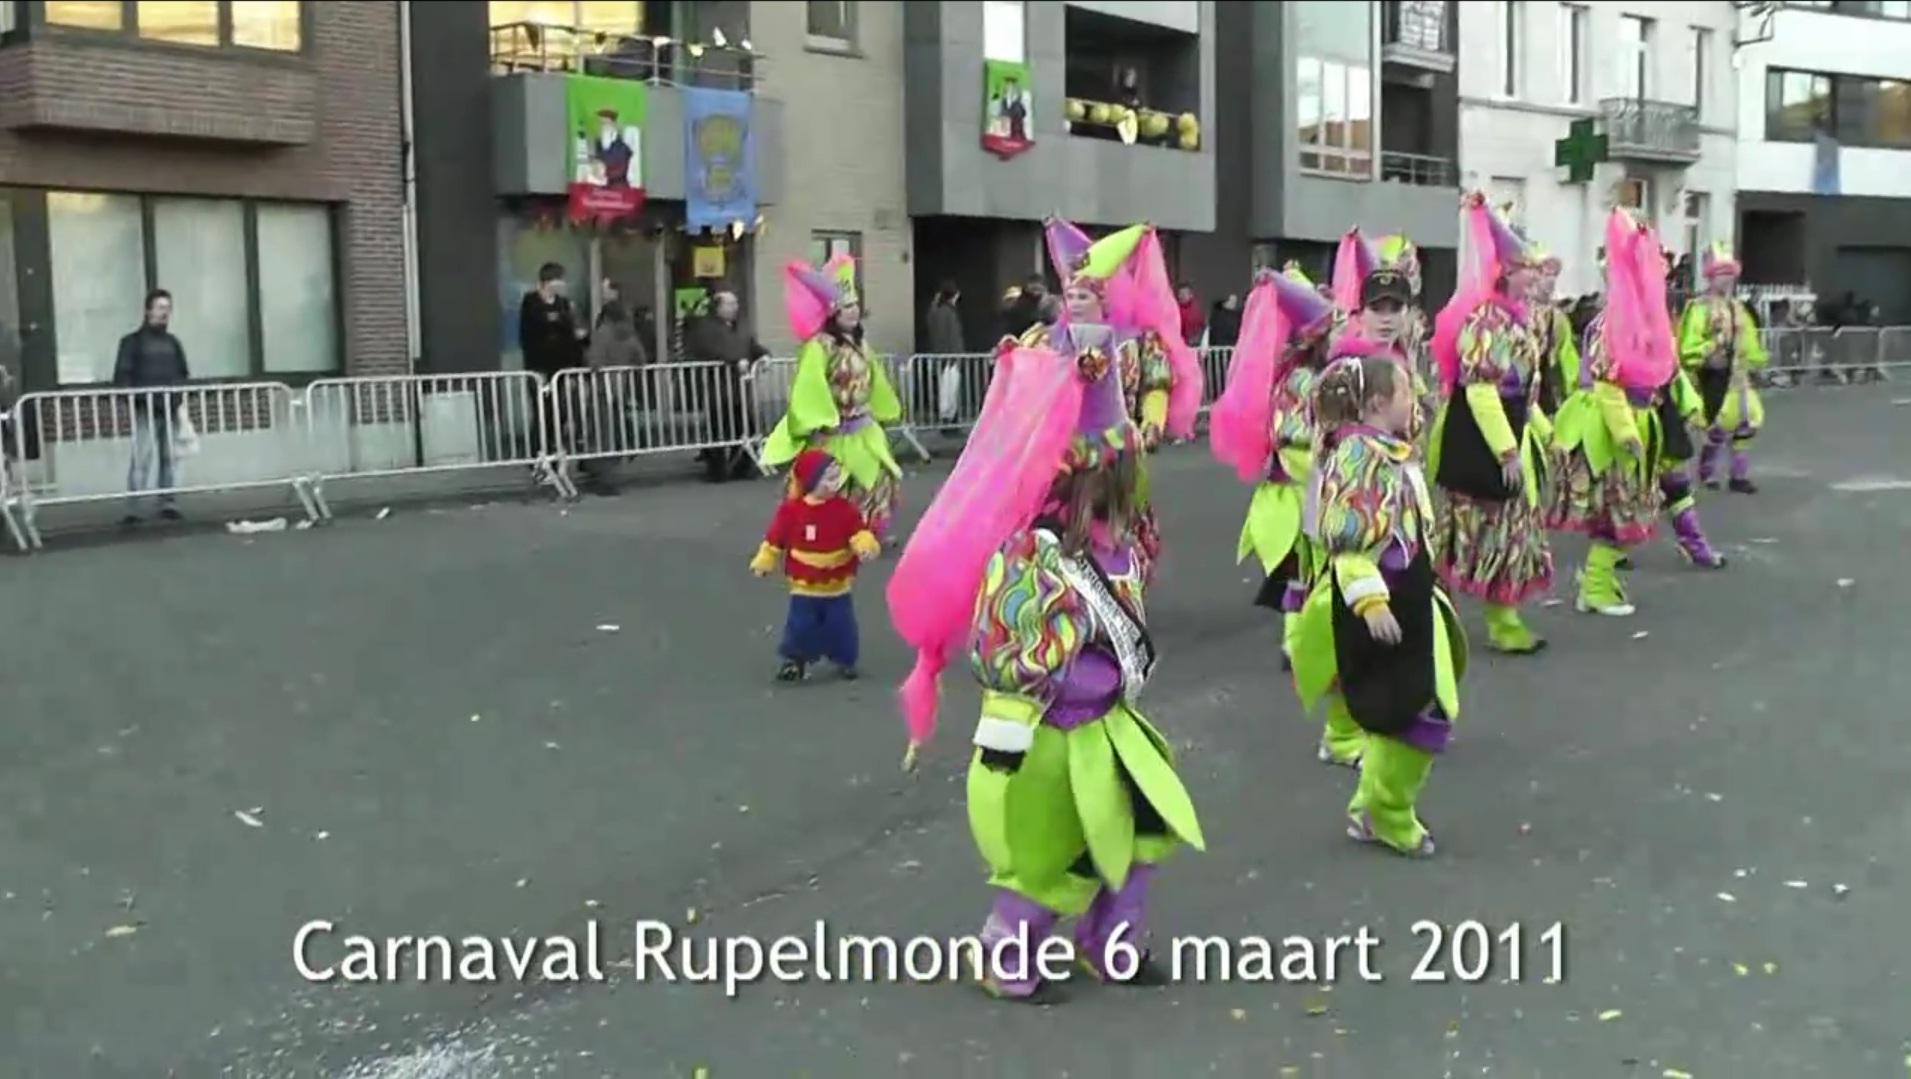 carnaval 2011 4 markt 2HD